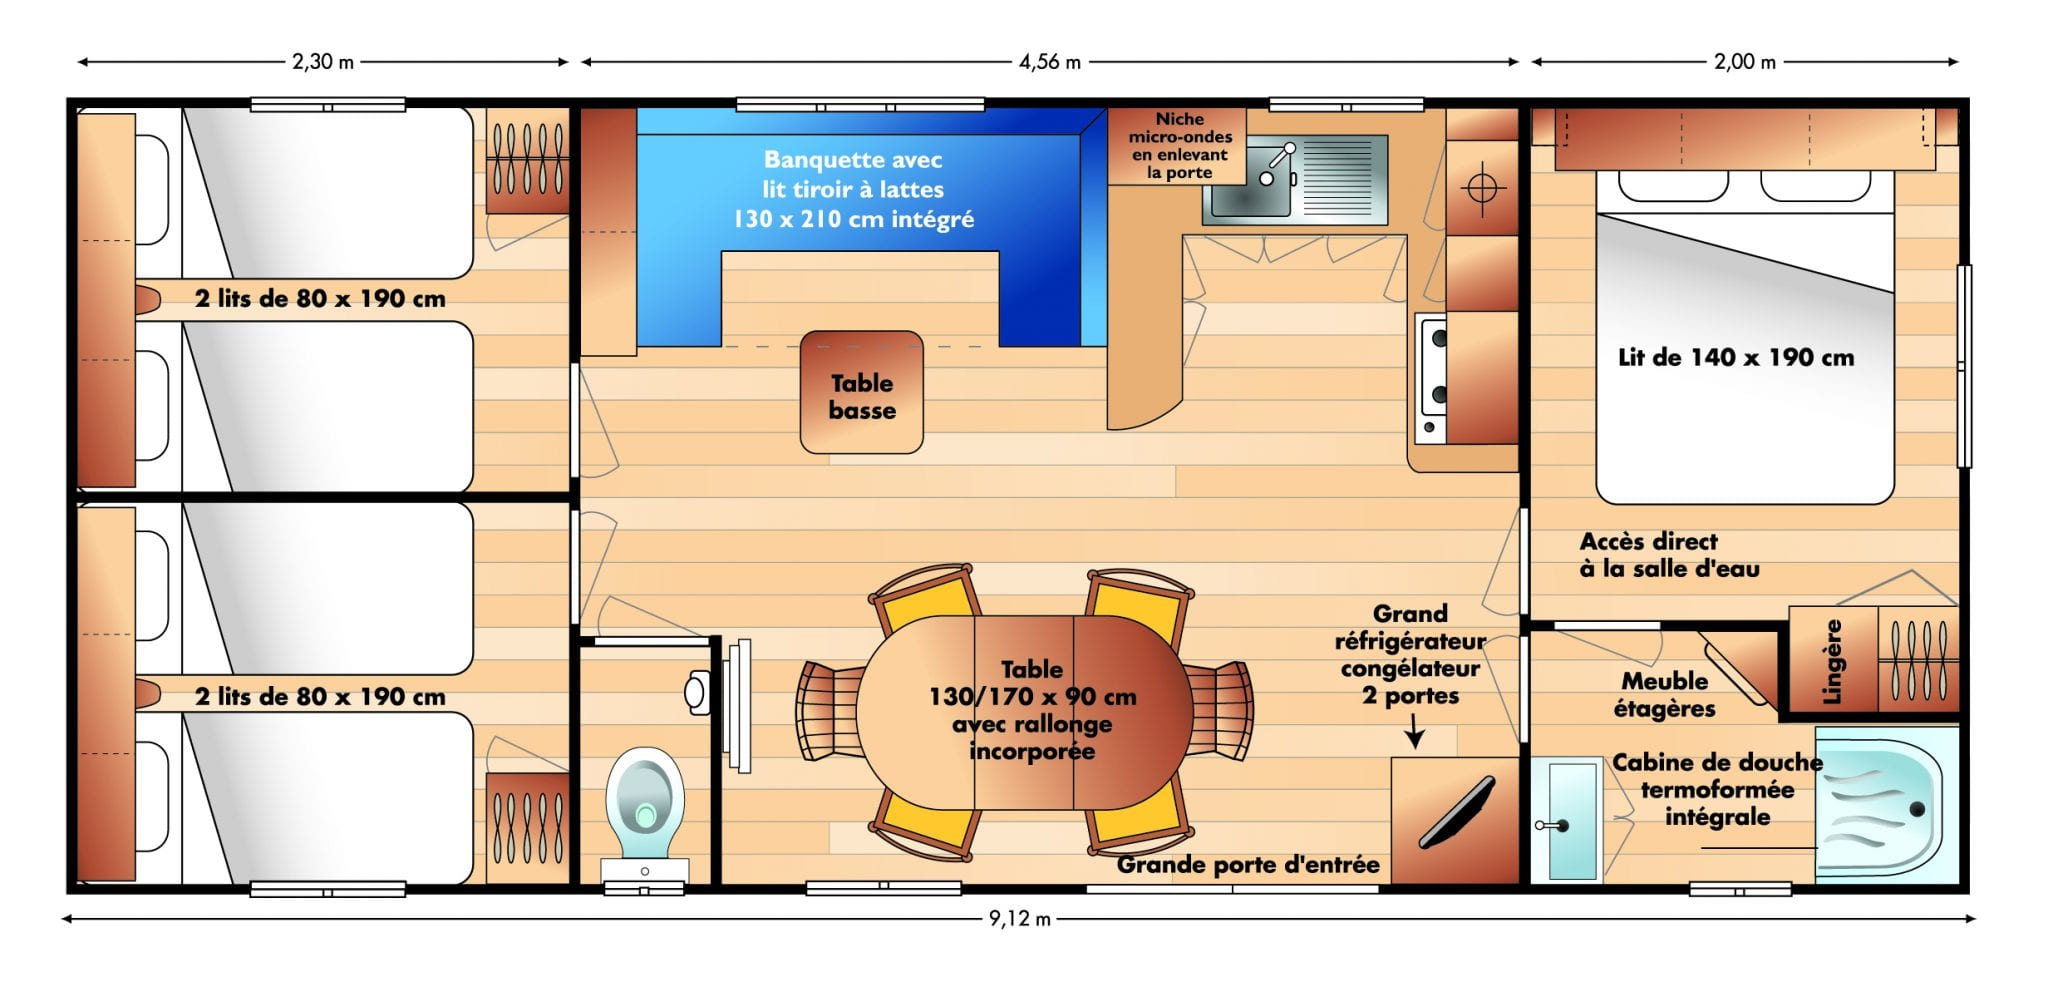 Irm Super Octalia - 2007 - Mobil home d'occ - 11 500€ - Zen Mobil homes